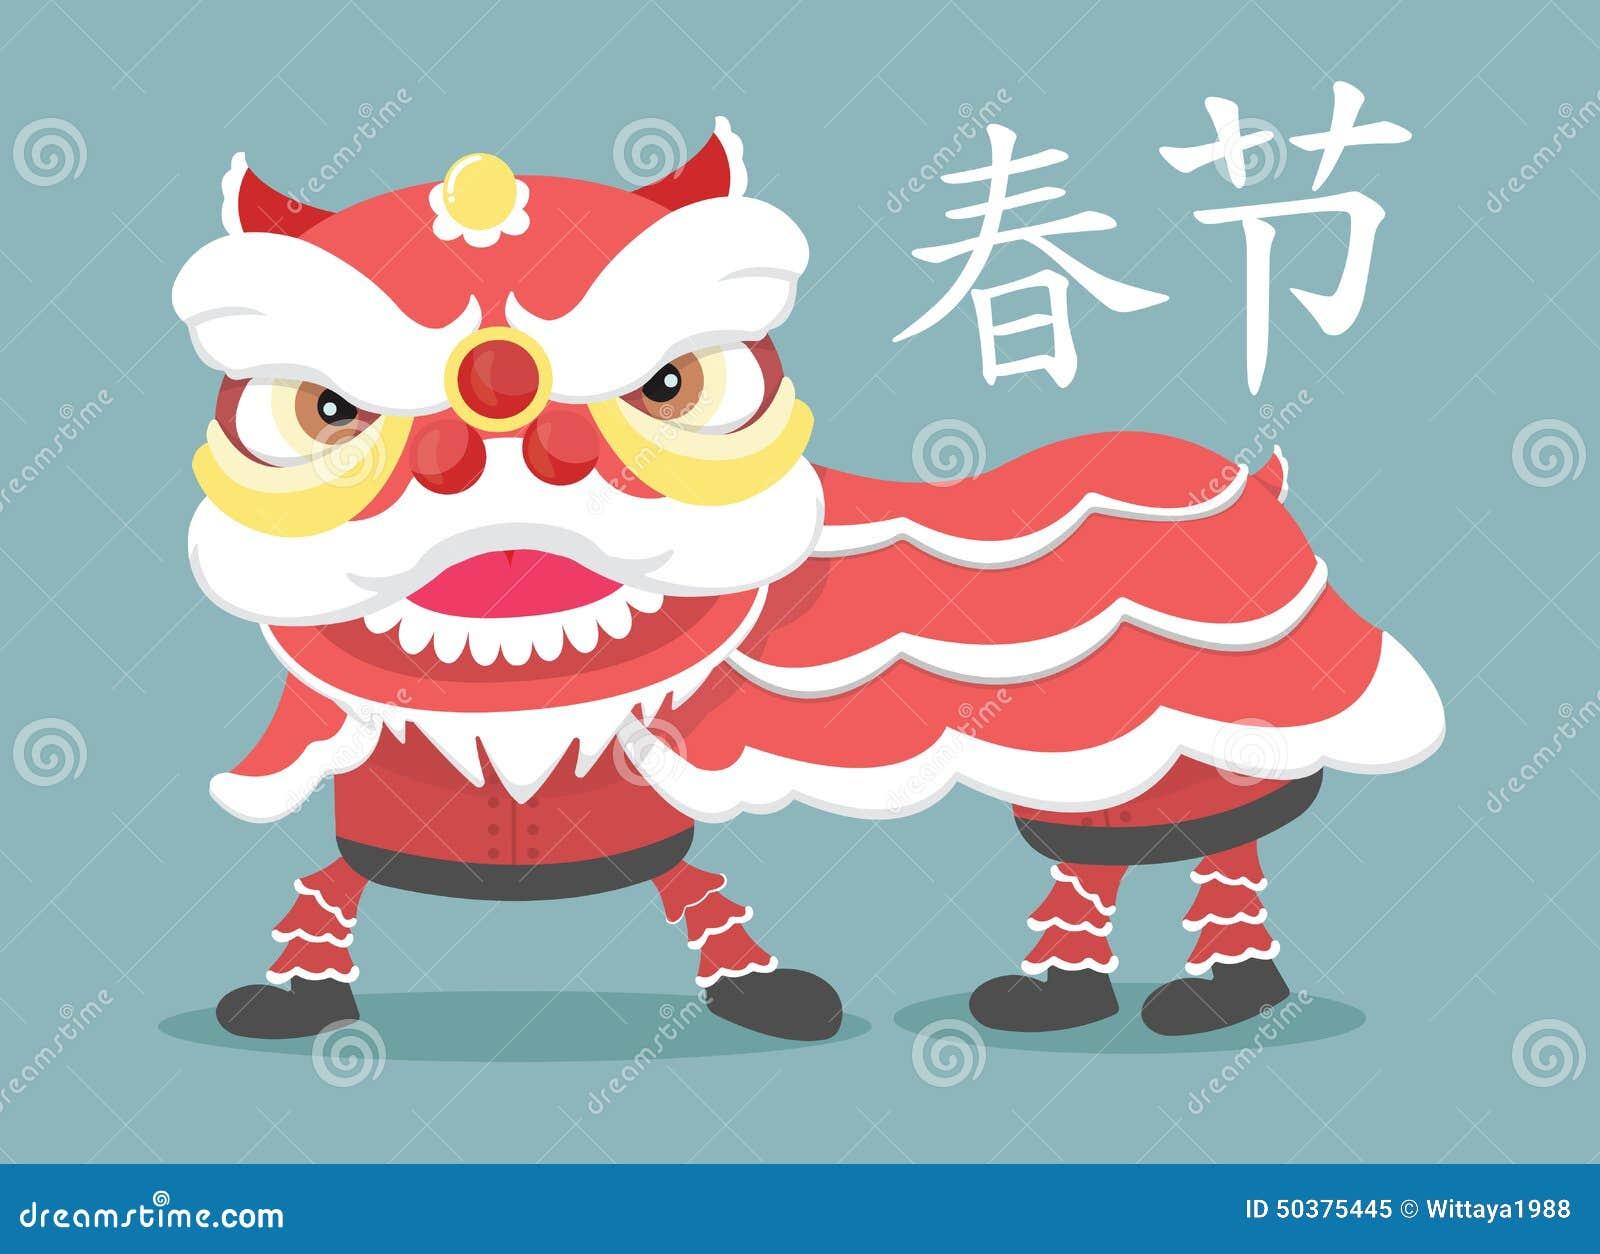 农历新年的例证-跳舞舞狮